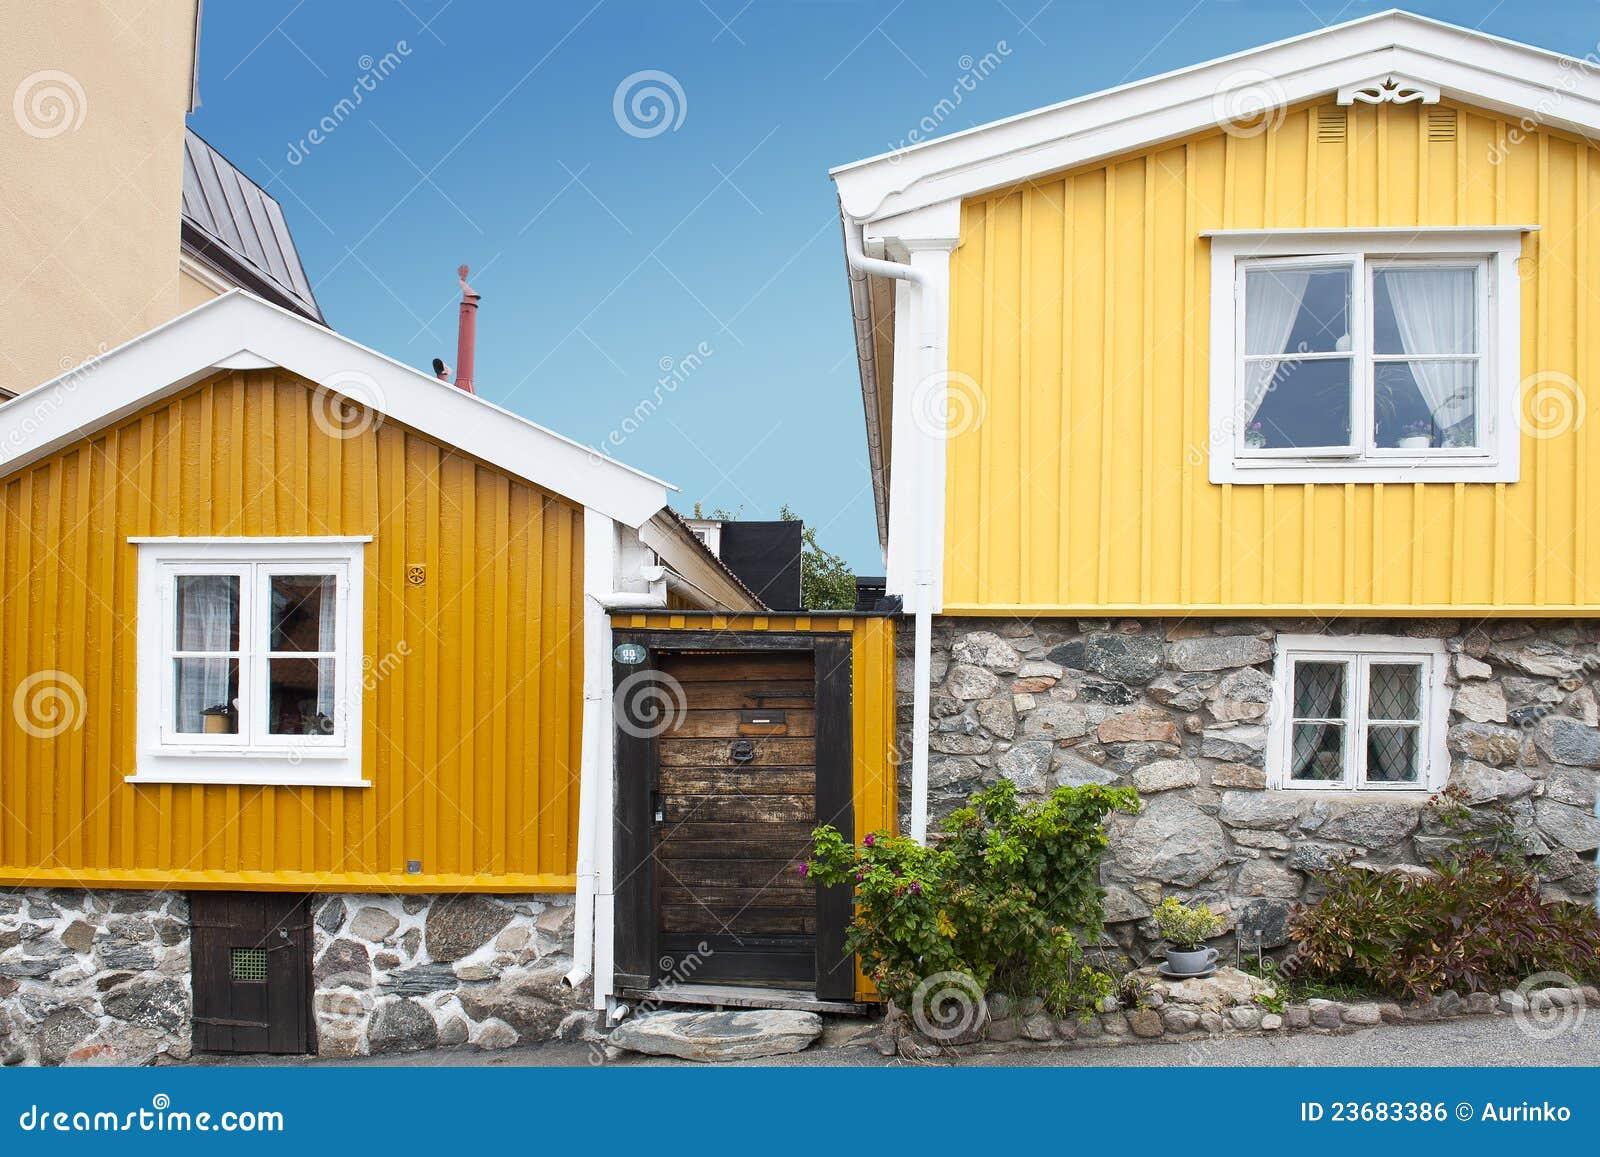 Architecture scandinave image libre de droits image for Architecture traditionnelle scandinave